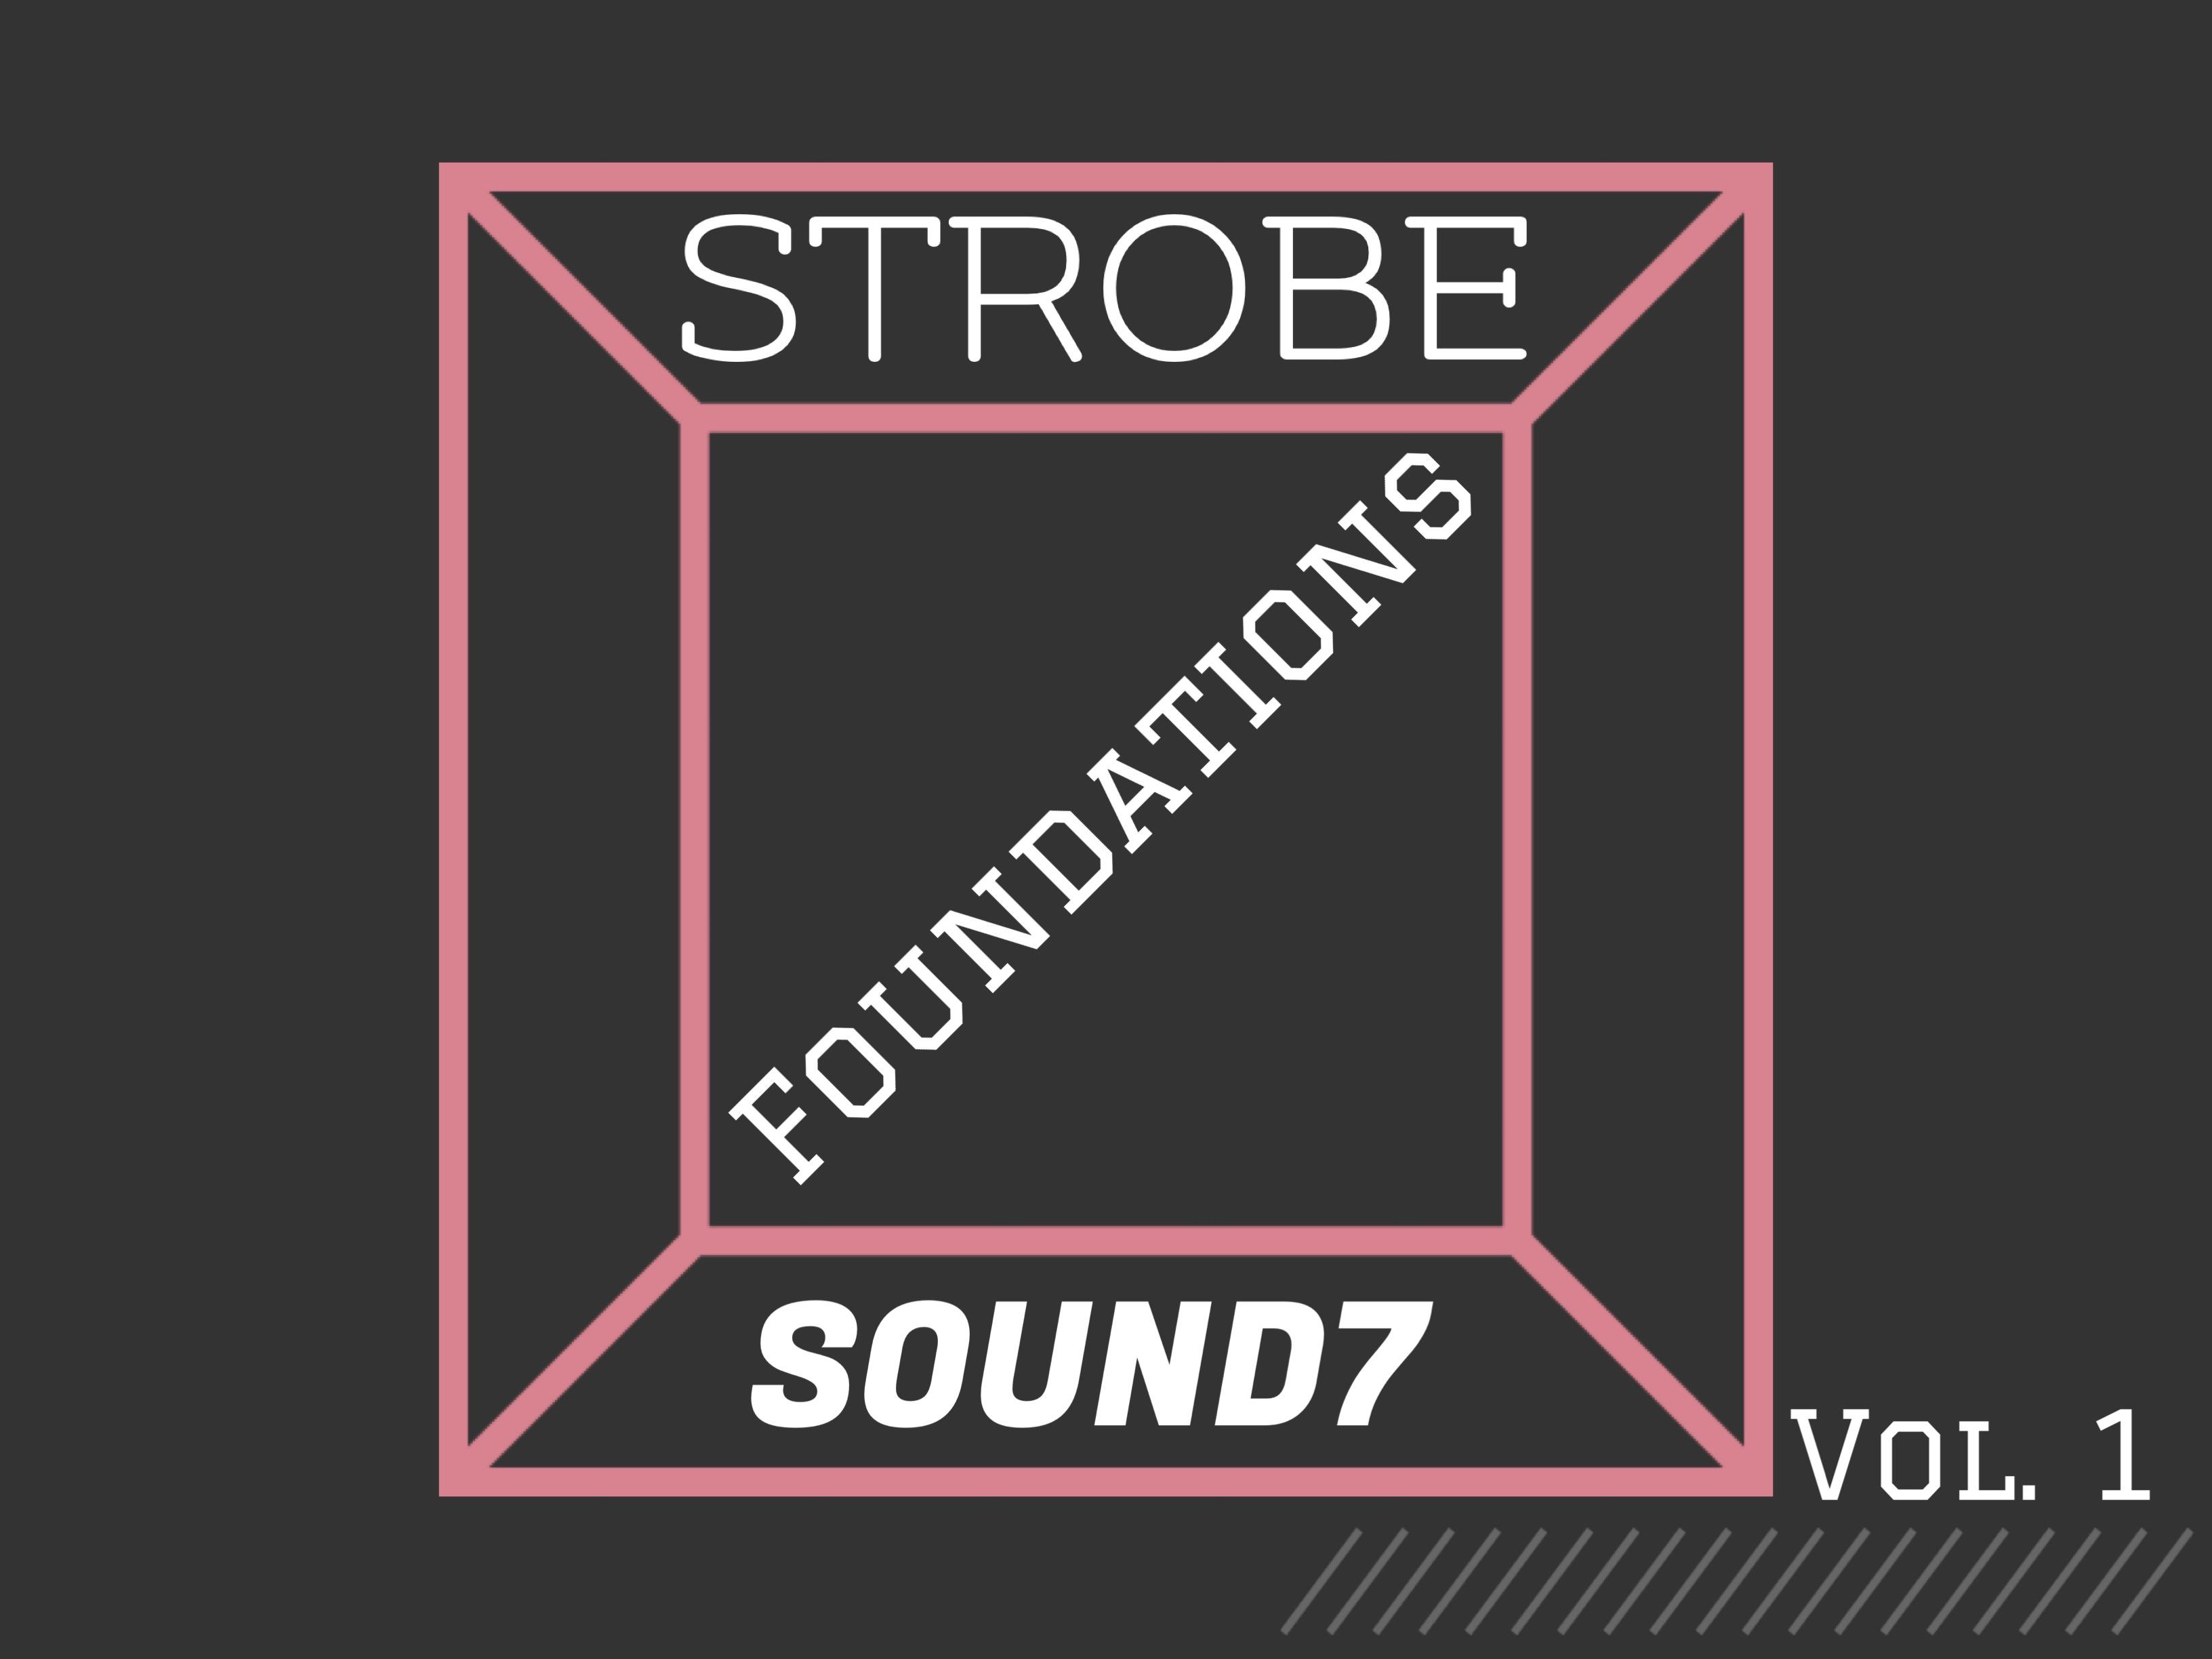 Strobe2 - Foundations Vol. 1 Sound Set